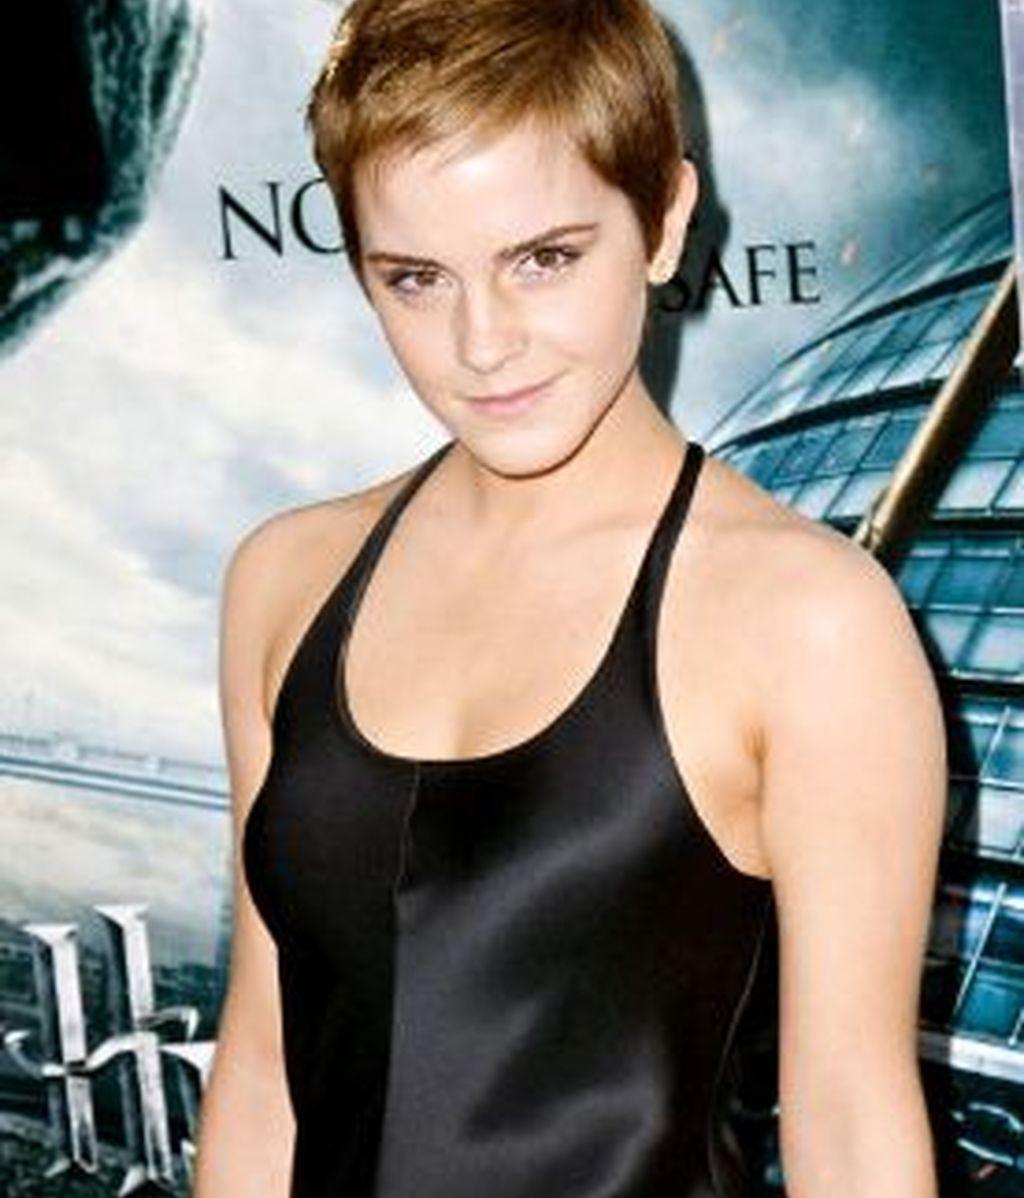 Emma Watson abandonó los estudios universitarios por las bromas de sus compañeros de clase.